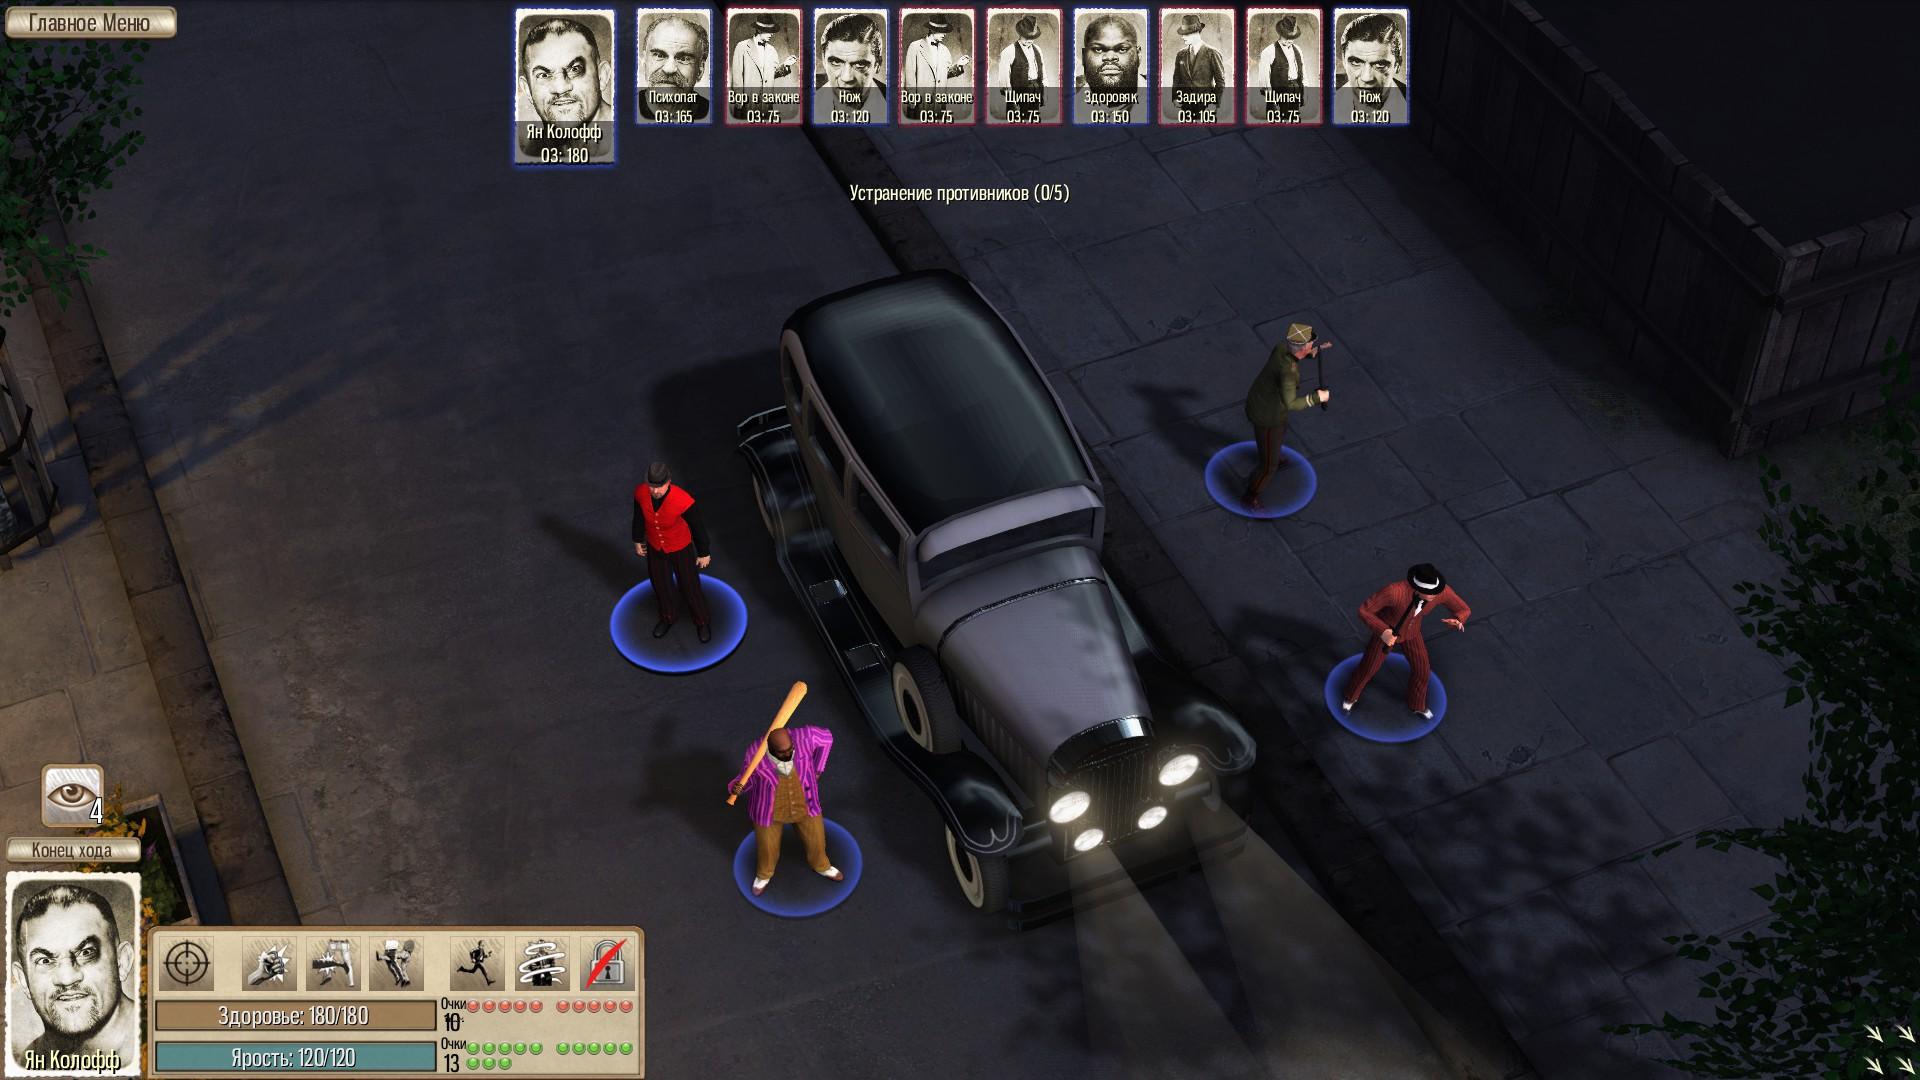 Сюжетно ролевая игра гангстеры ролевая игра знакомств